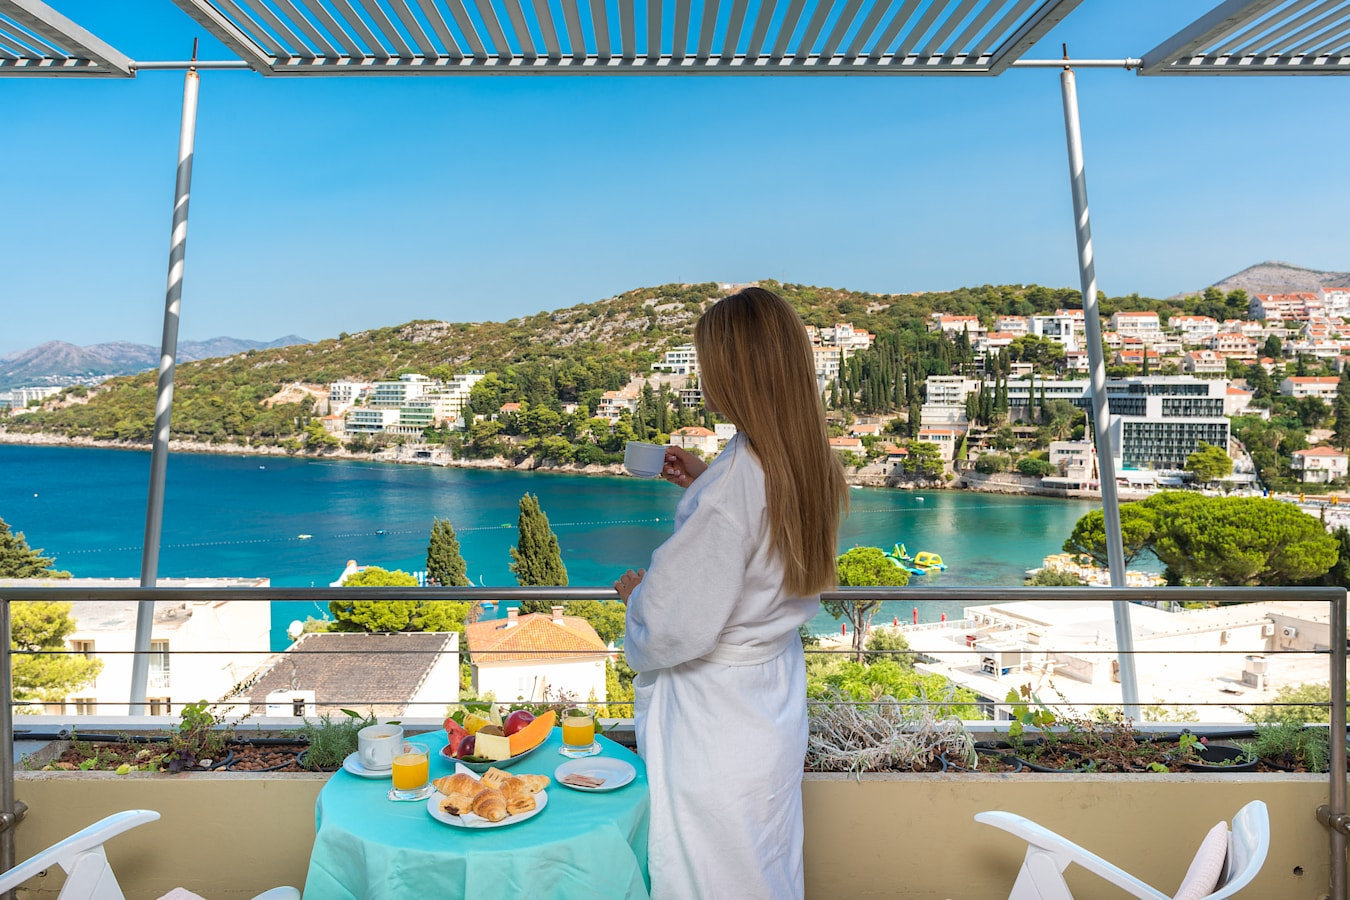 uvala-hotel-seaview-balcony.jpg